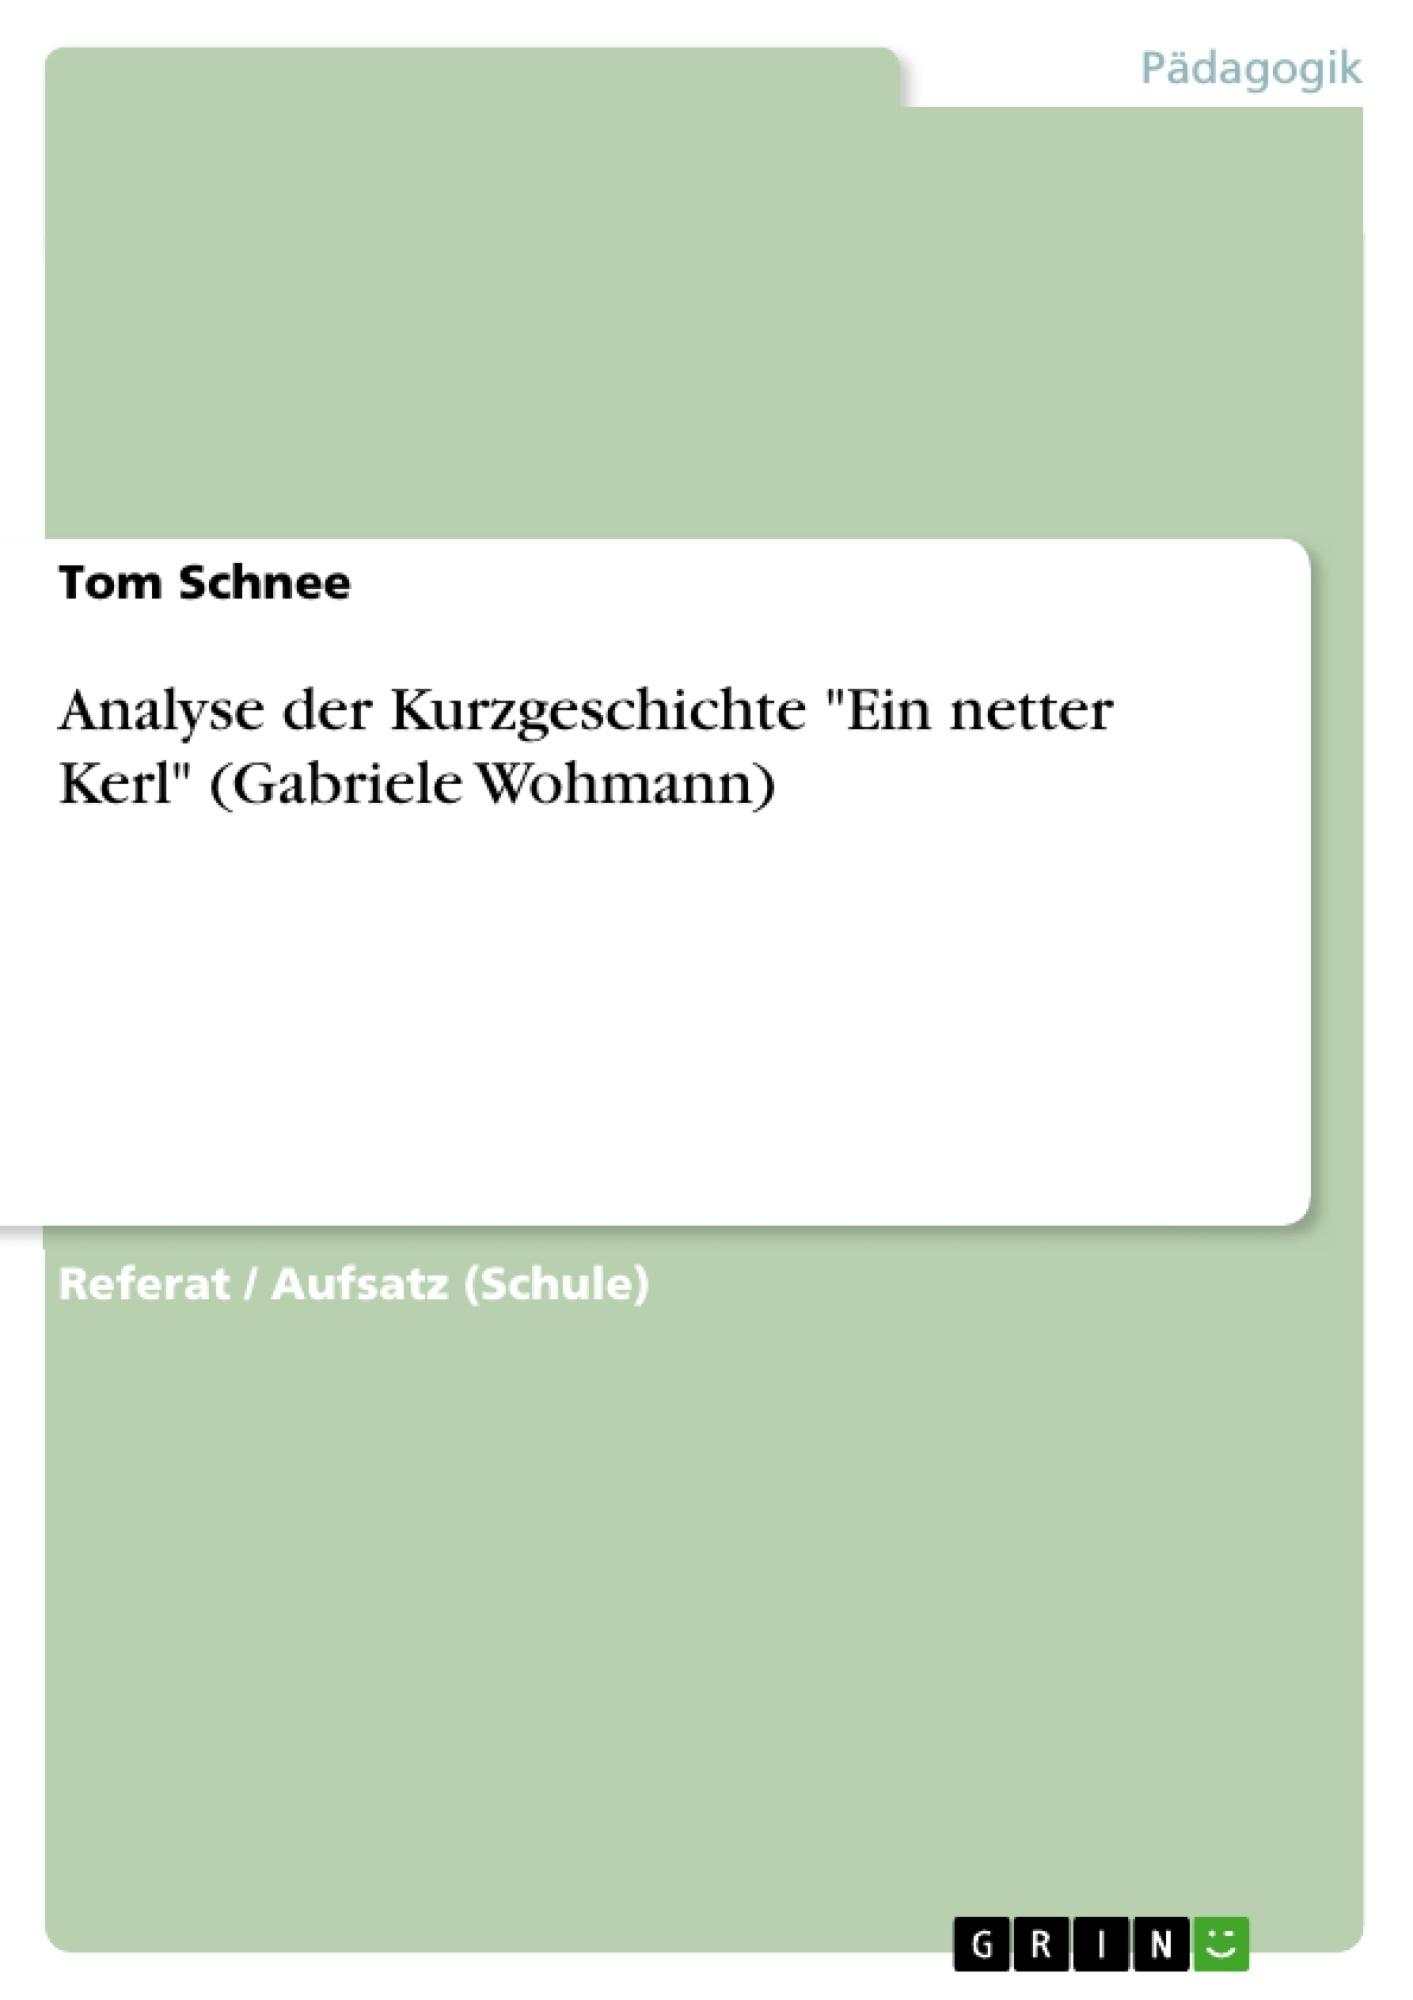 """Title: Analyse der Kurzgeschichte """"Ein netter Kerl"""" (Gabriele Wohmann)"""